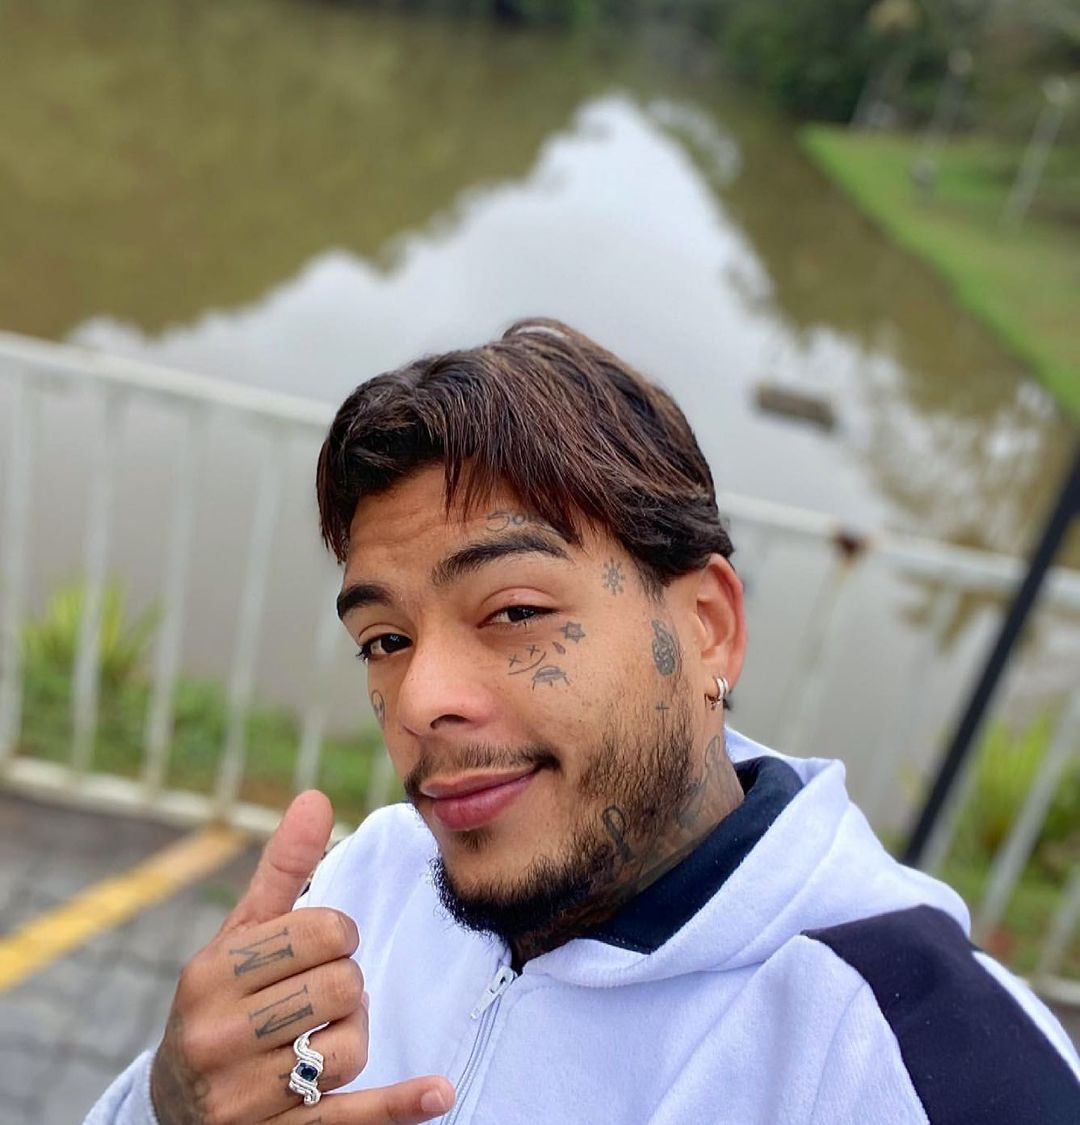 Segundo ele, Jhonatas entrou no quarto, porque queria participar do ato, com a modelo. Mas de acordo com ele, Kevin teria o expulsado do quarto (Foto: Instagram)